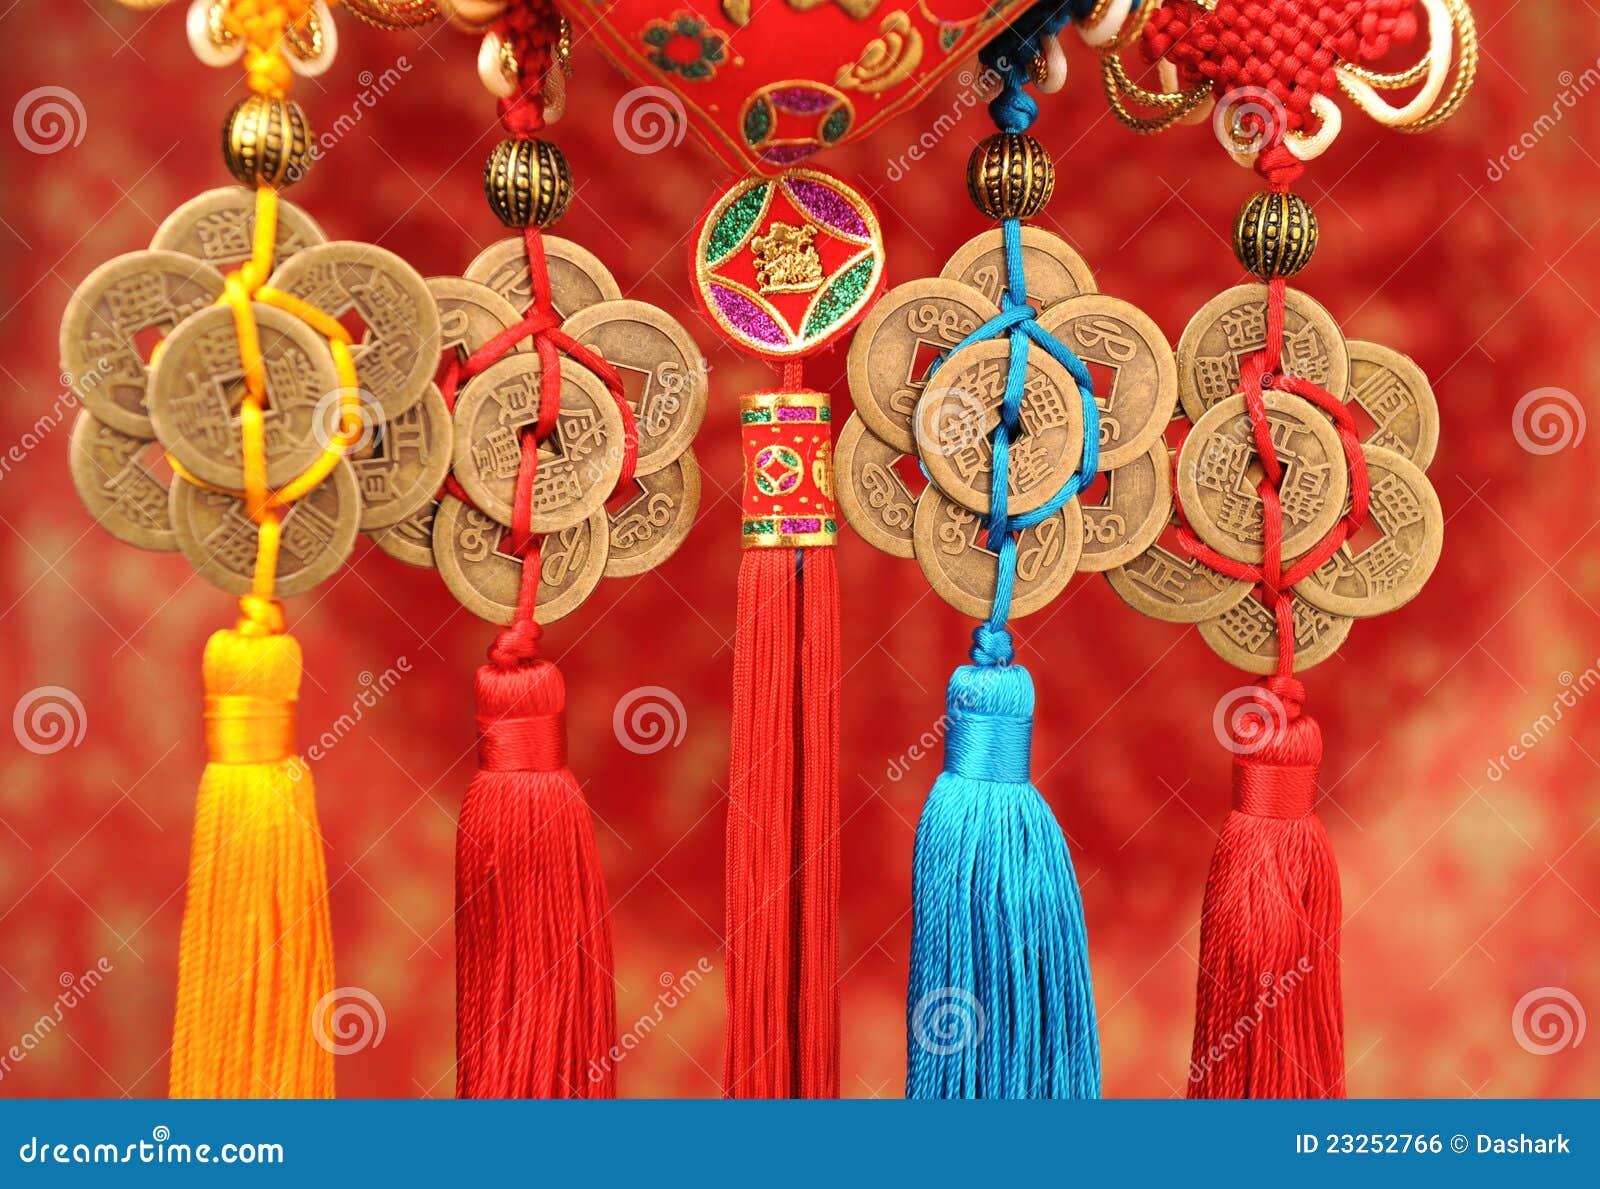 κινεζικό τυχερό νέο έτος καλημάνων